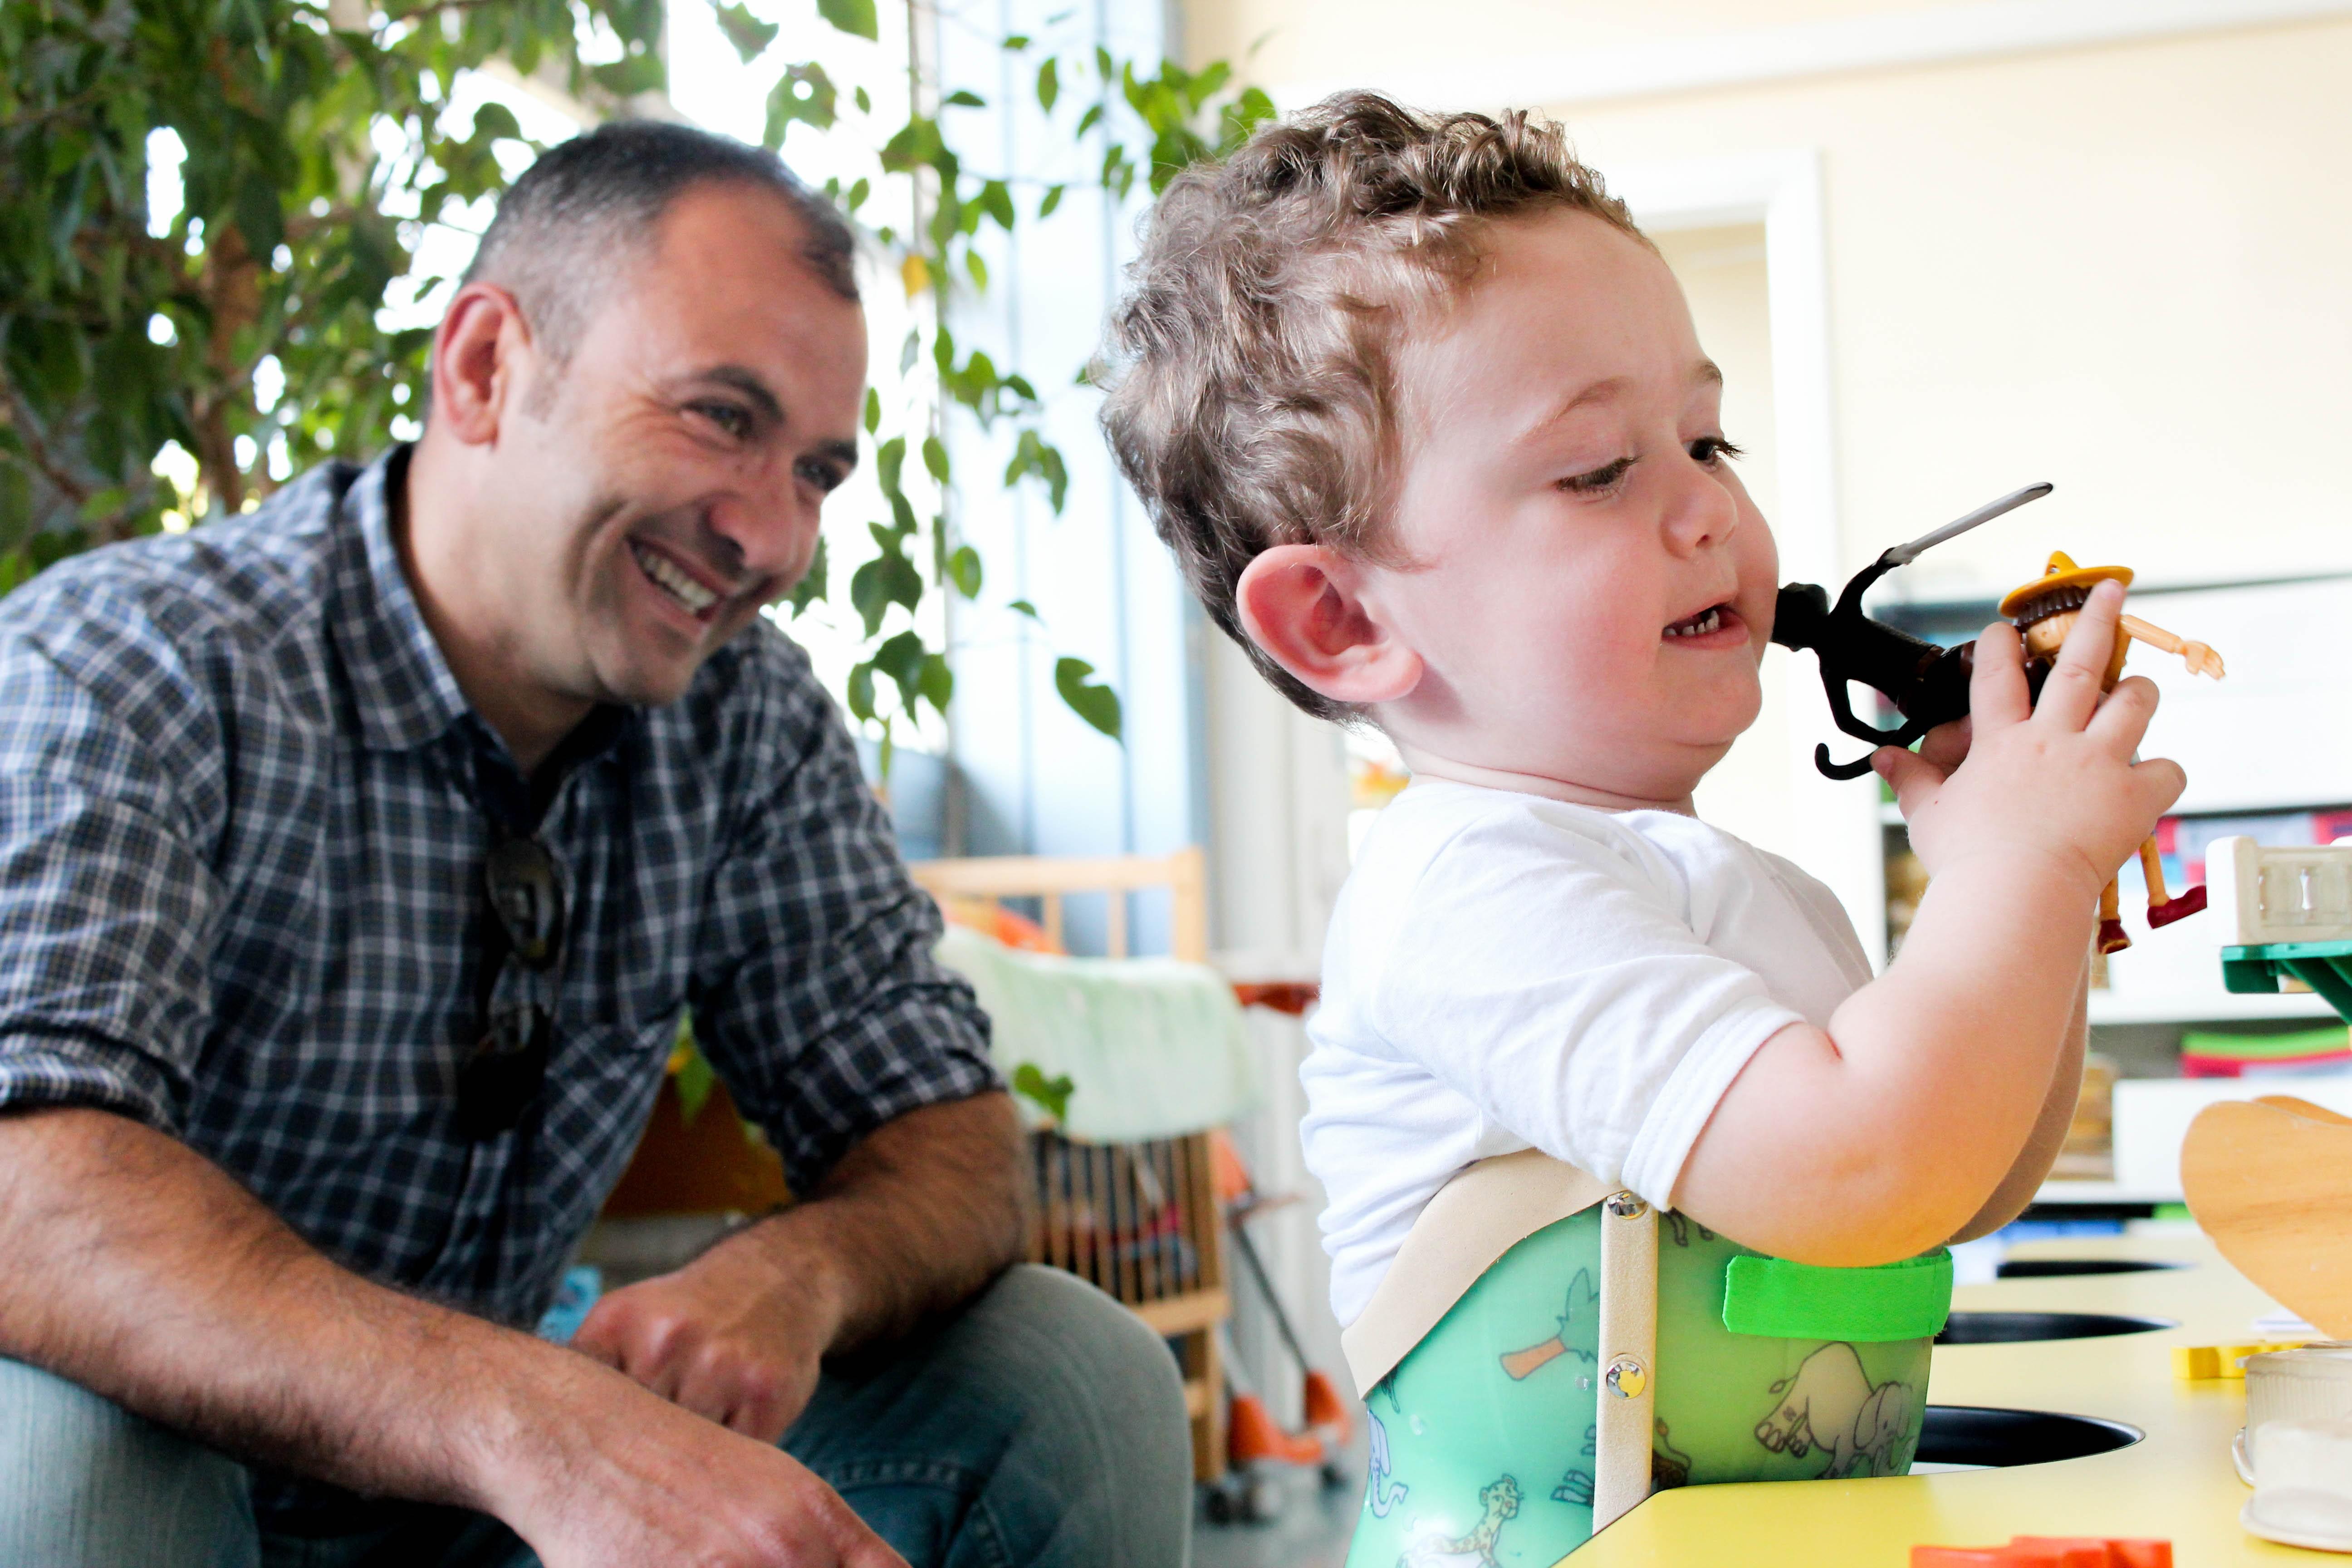 Un giorno da Ironman per donare sorrisi-Riccardo Costagliola di Polidoro